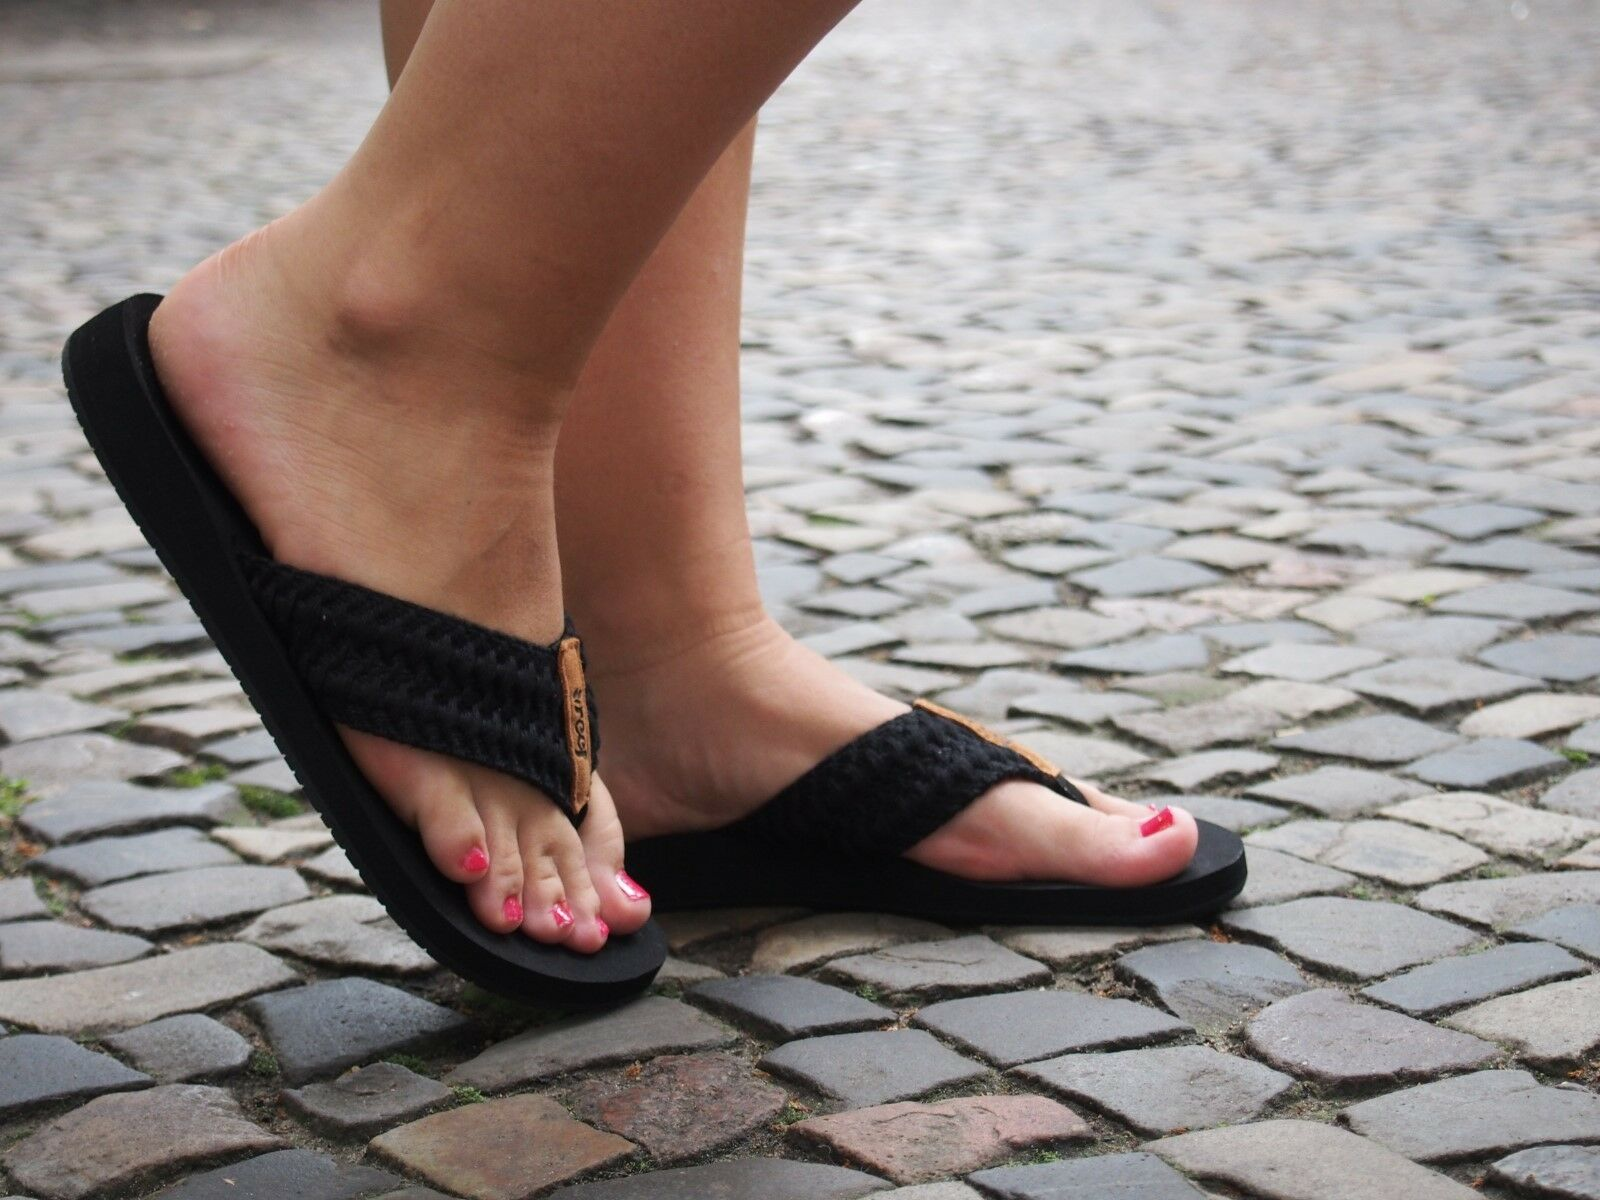 REEF Zehentrenner Cushion schwarz schwarz Damen Strandschlappen NEU Sandale SALE